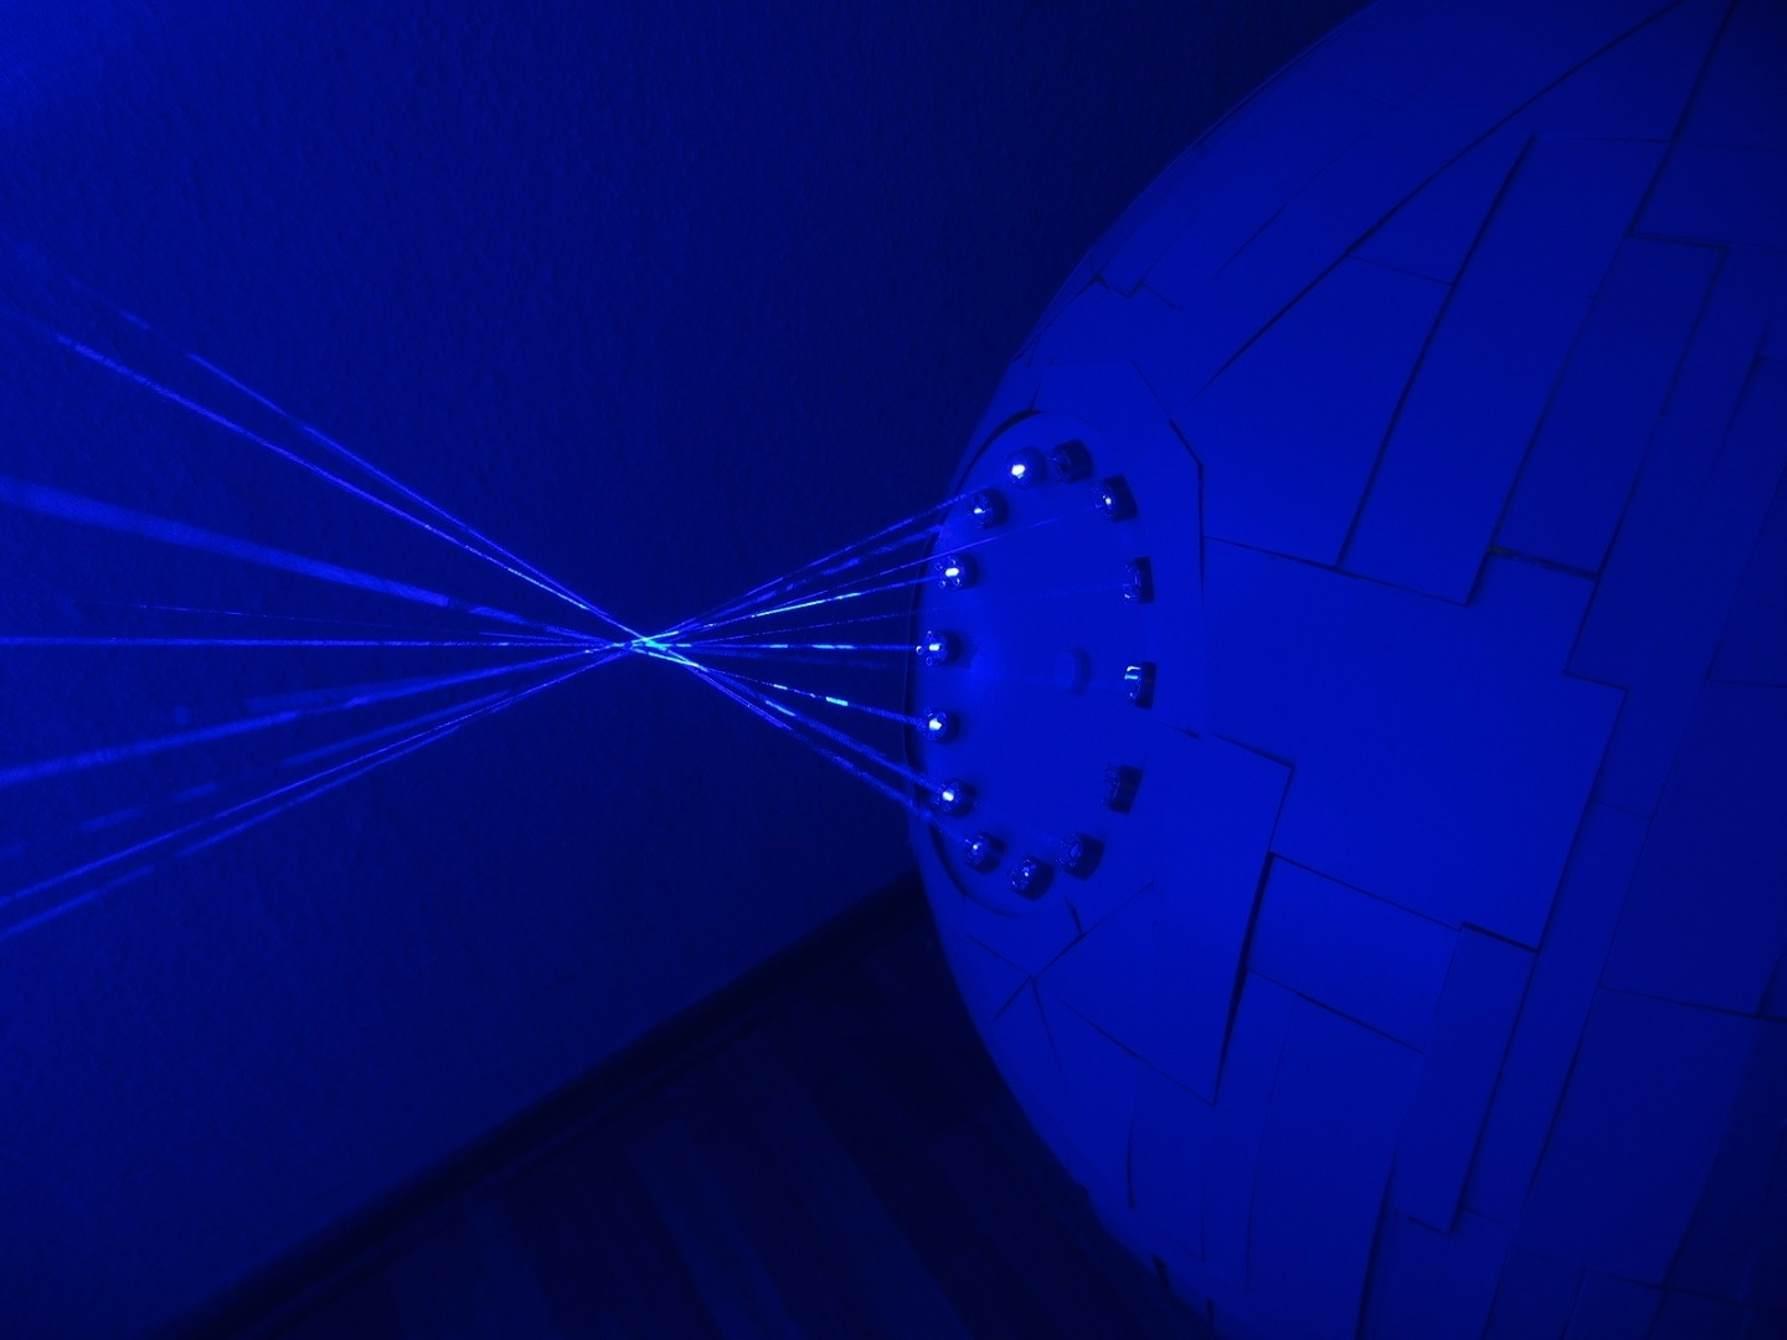 патрик прибе звезда смерти модель звезды смерти лазеры laser gadgets star wars episode 7 звездные войны 7 эпизод пробуждение силы